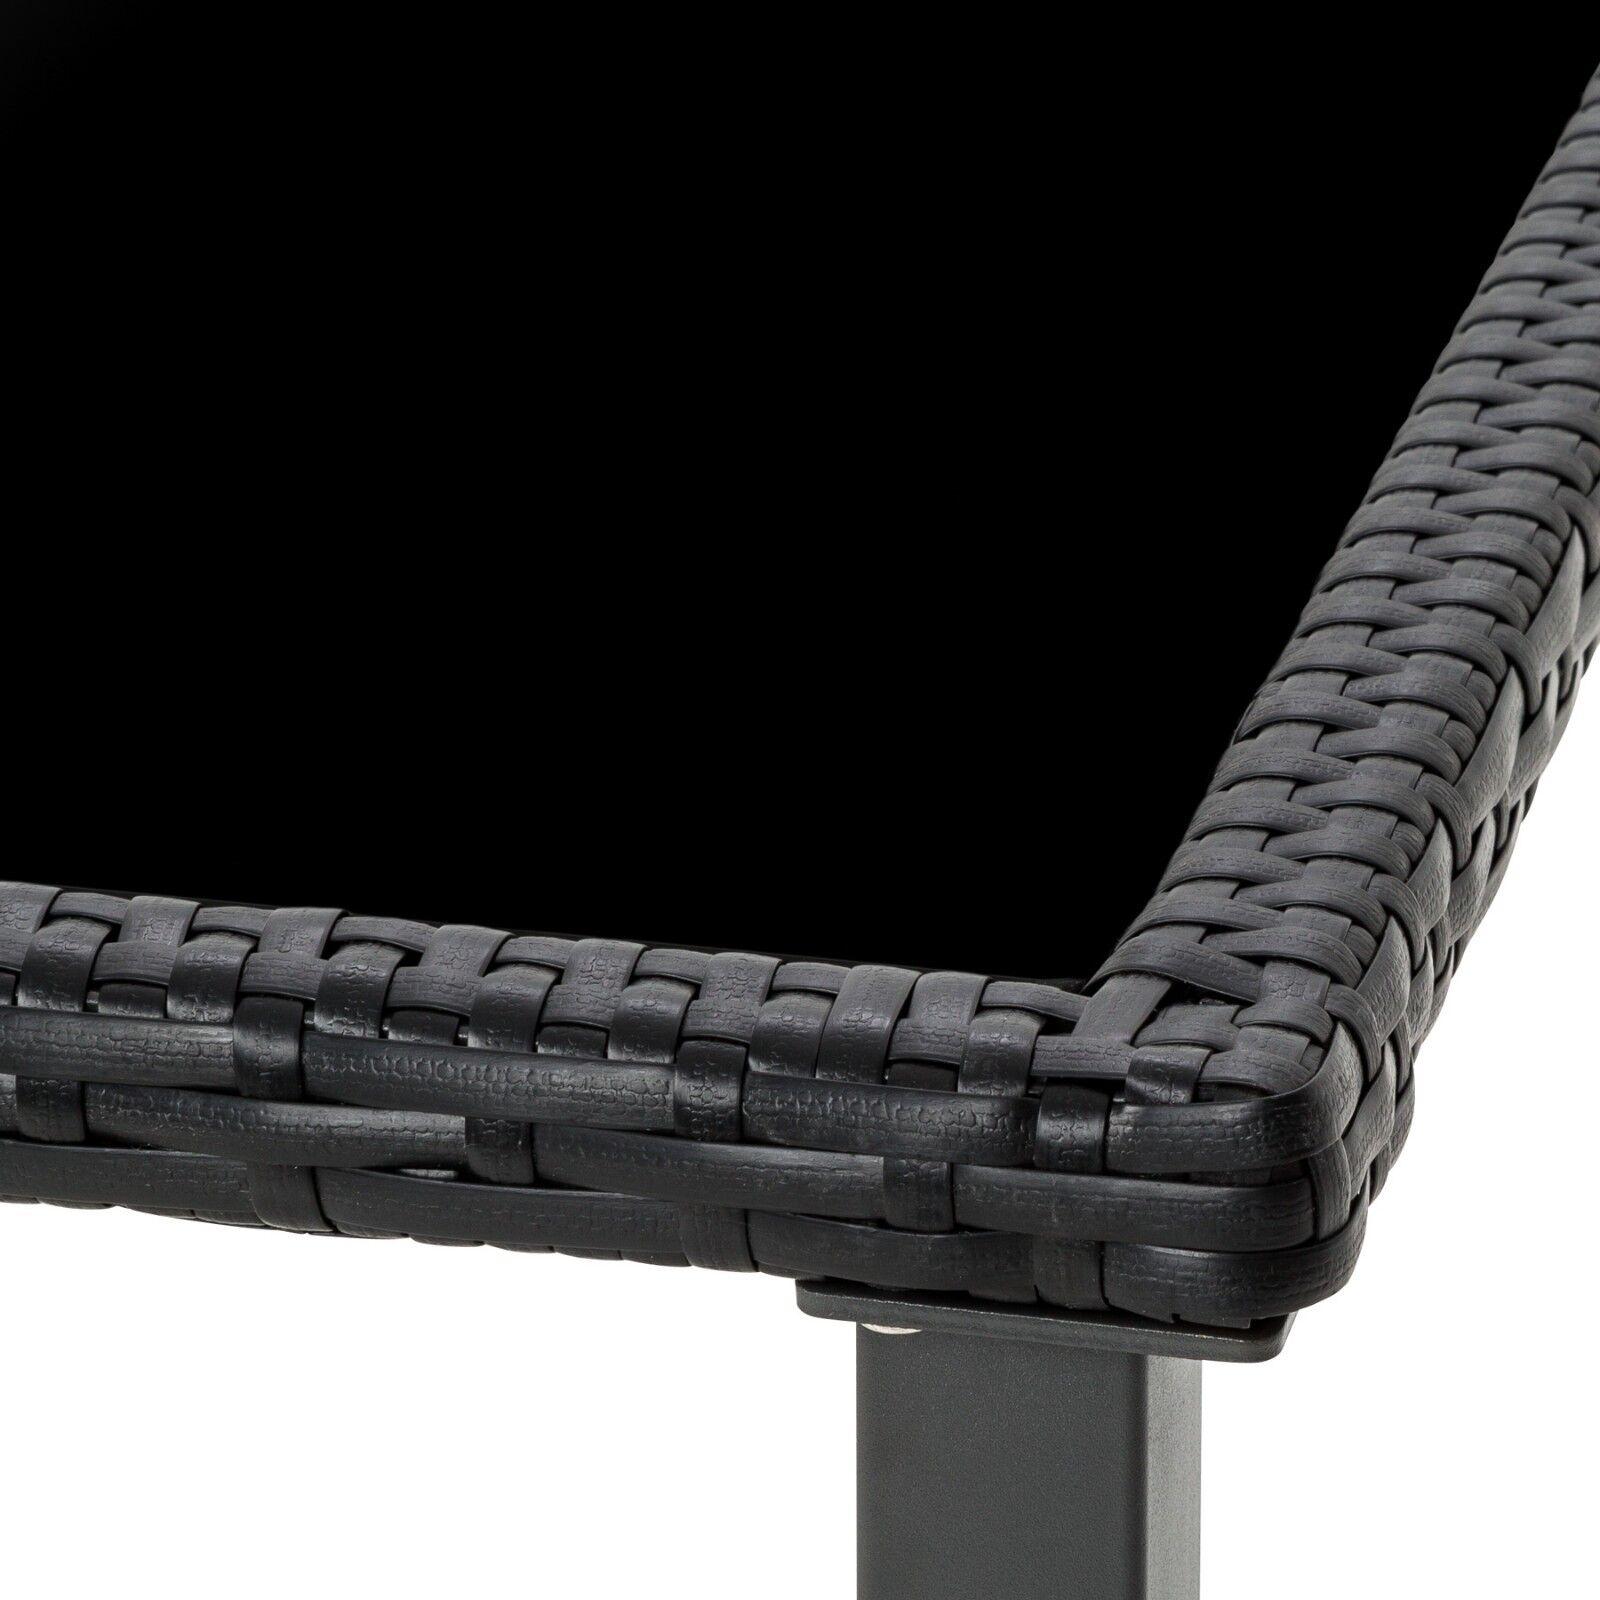 Polyrattan Gartenmobel Set Sitzgarnitur Stuhl Tisch Essgruppe 61 Schwarz Bware